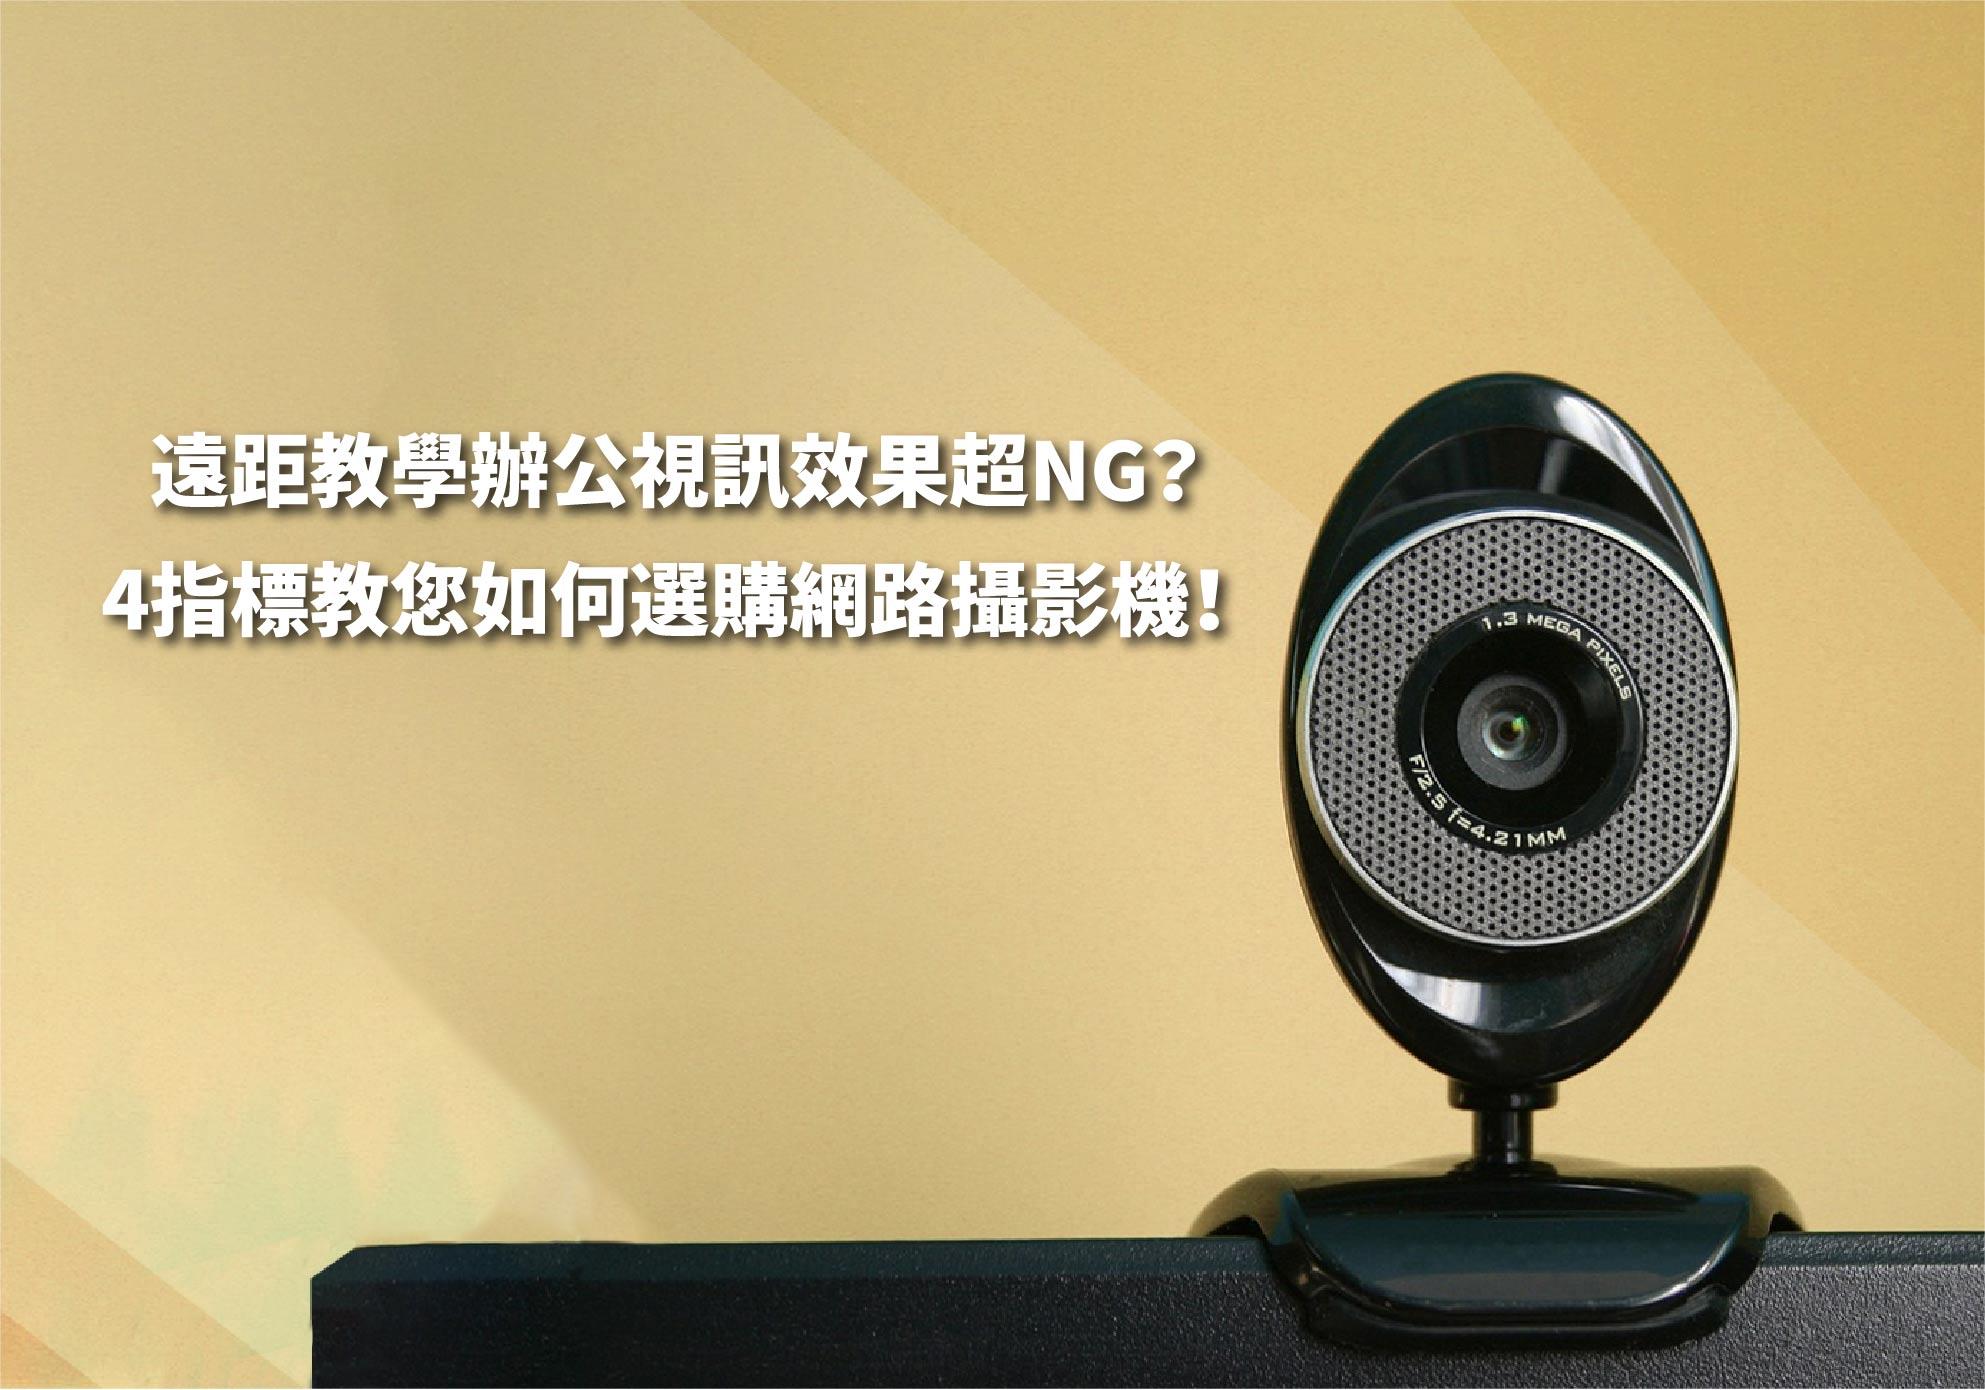 遠距教學辦公視訊效果超NG?4指標教您如何選購網路攝影機!